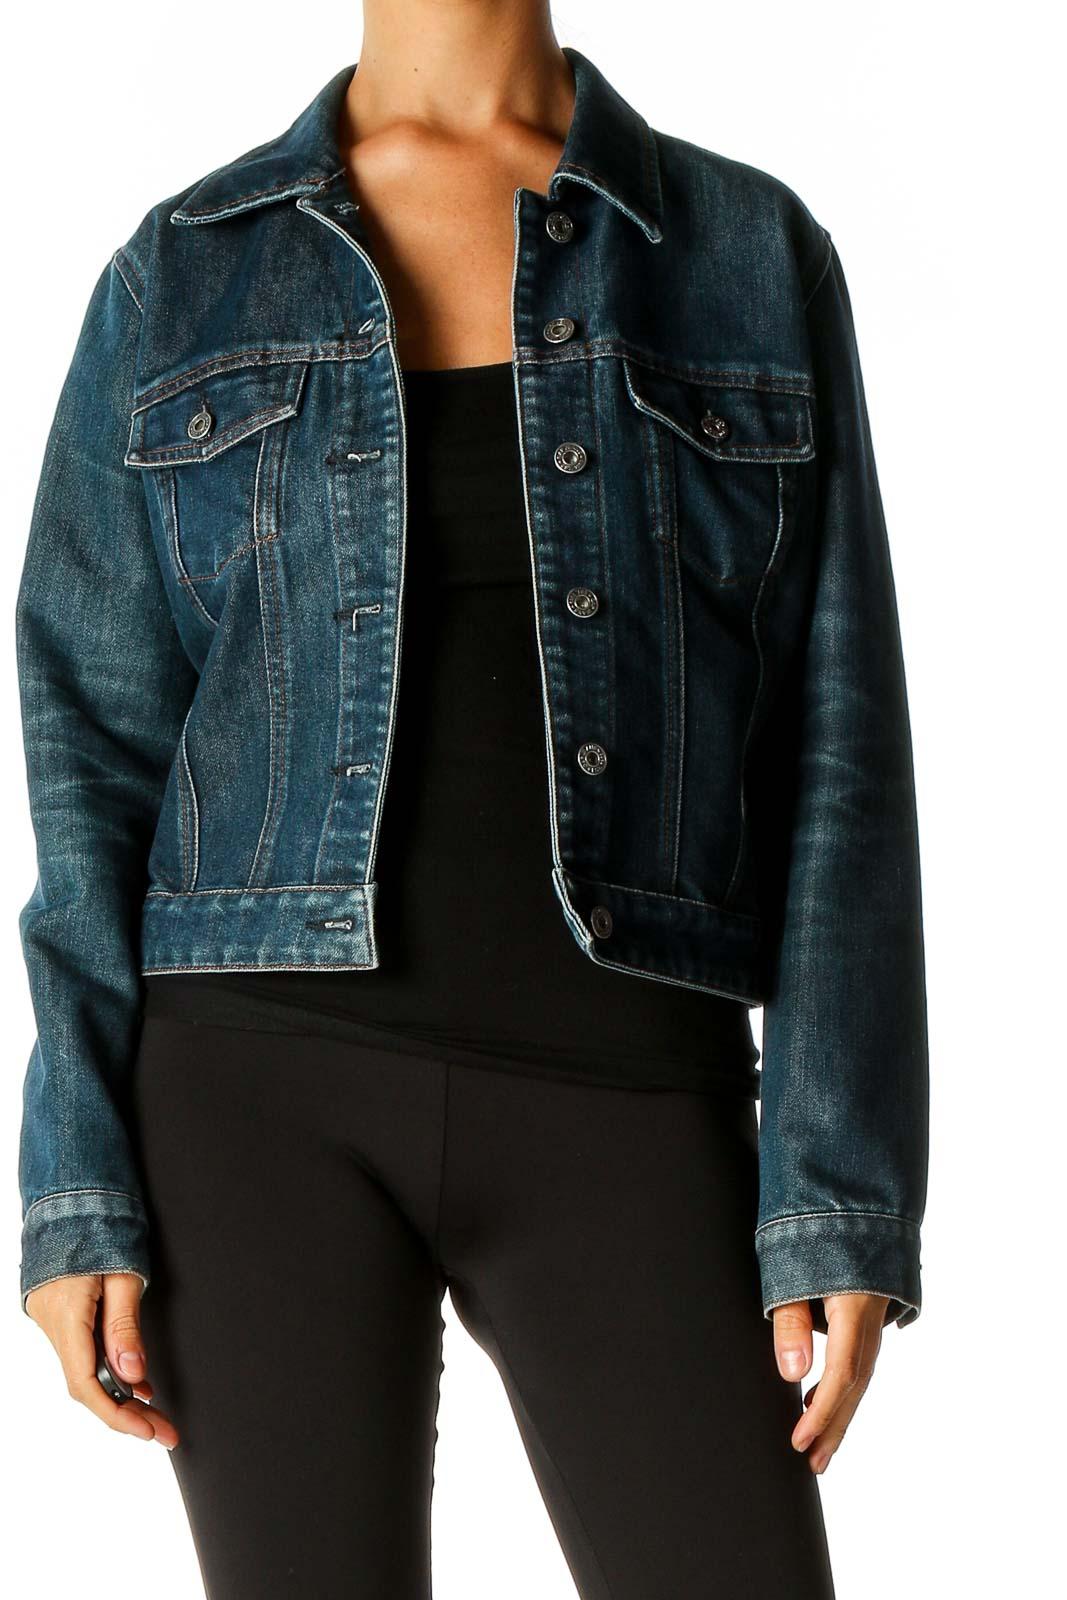 Blue Denim Jacket Front